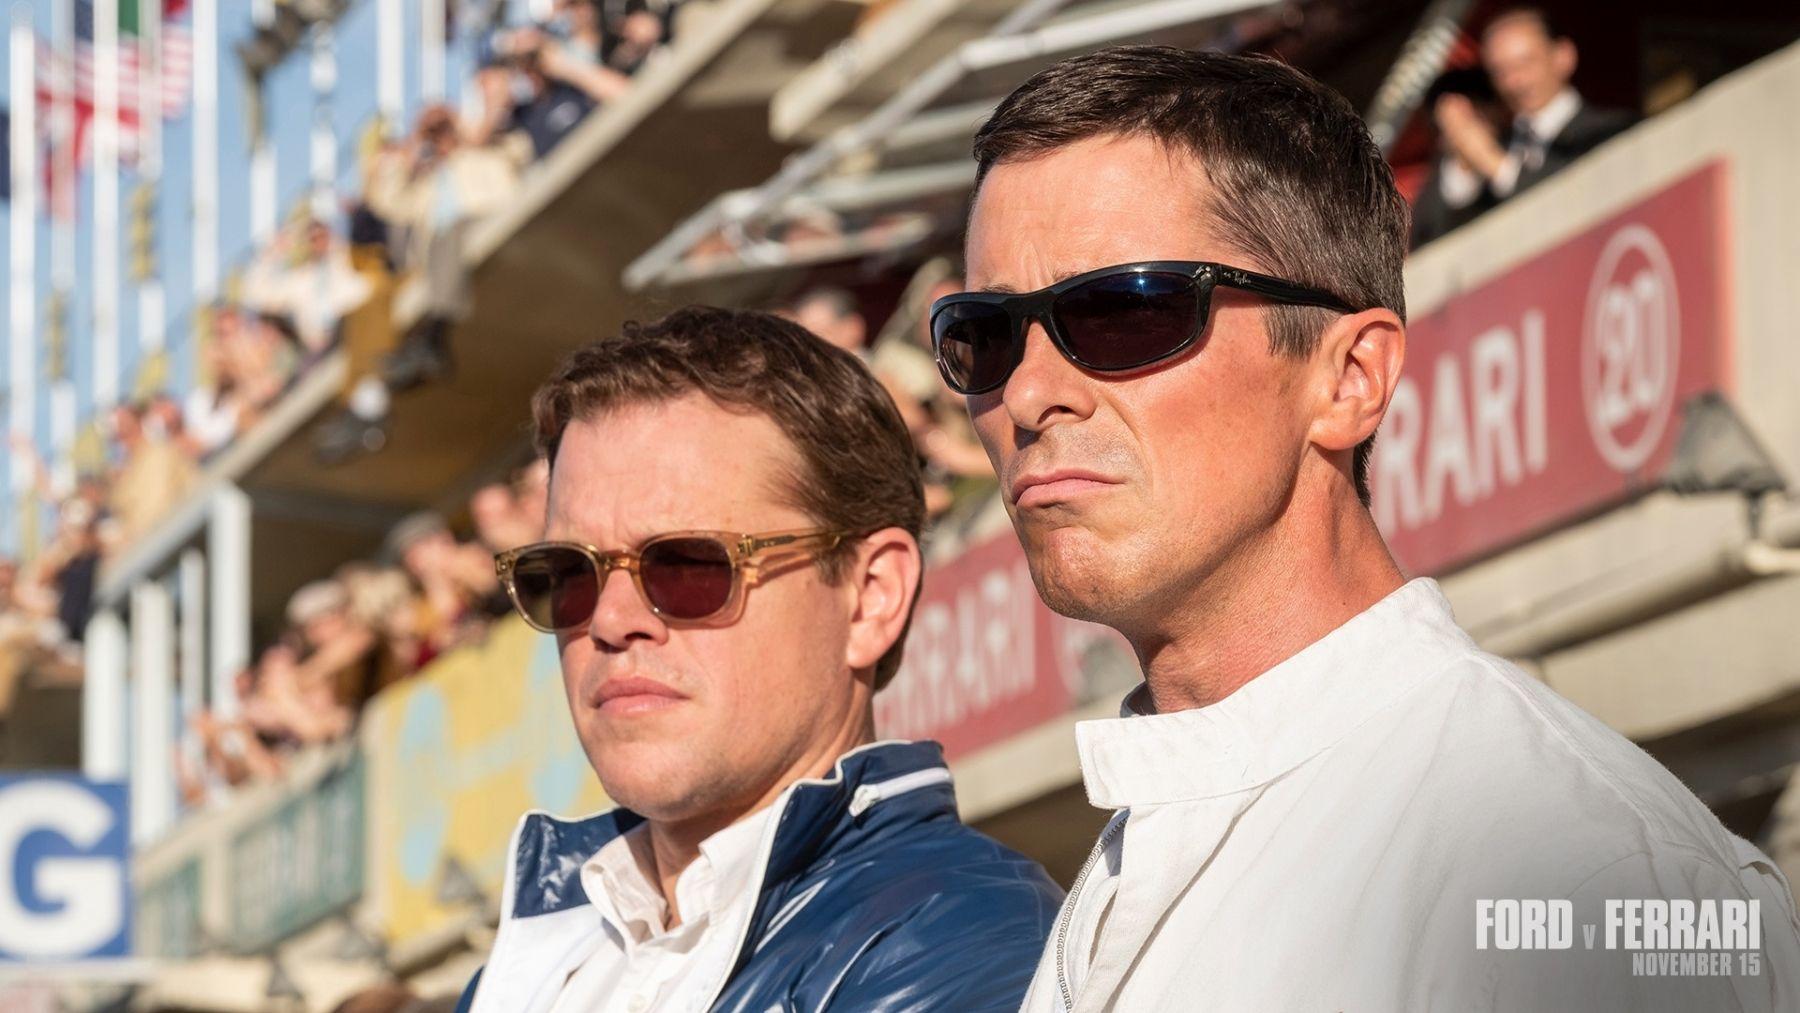 What Sunglasses Is Matt Damon Wearing In Ford V Ferrari With